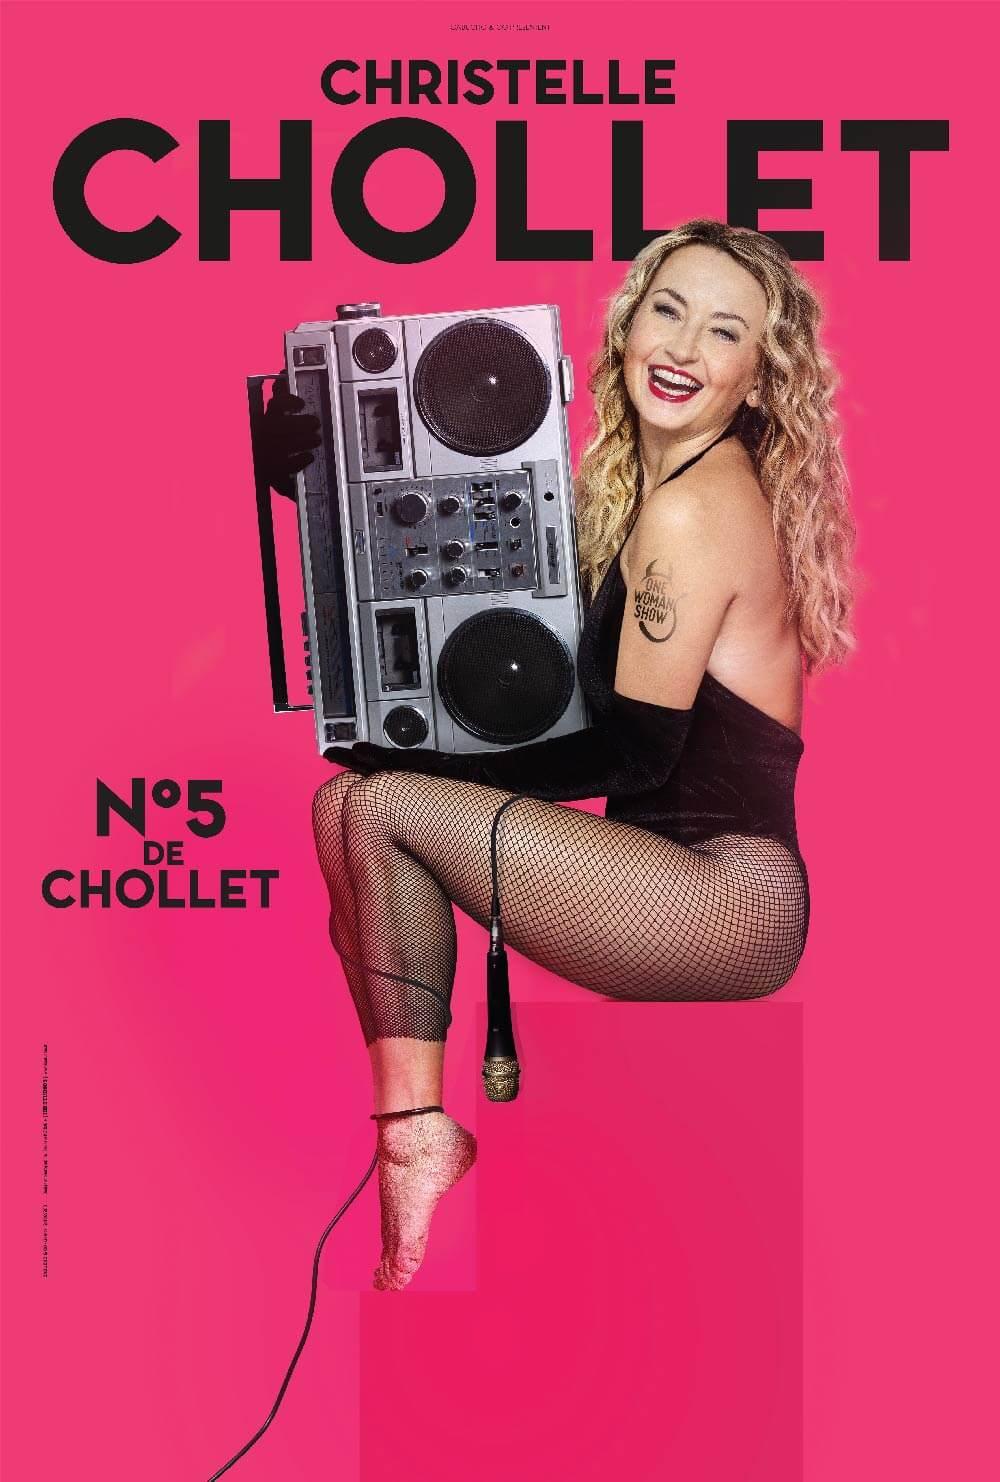 CHRISTELLE-CHOLLET-N5-PLEYEL-TOUR